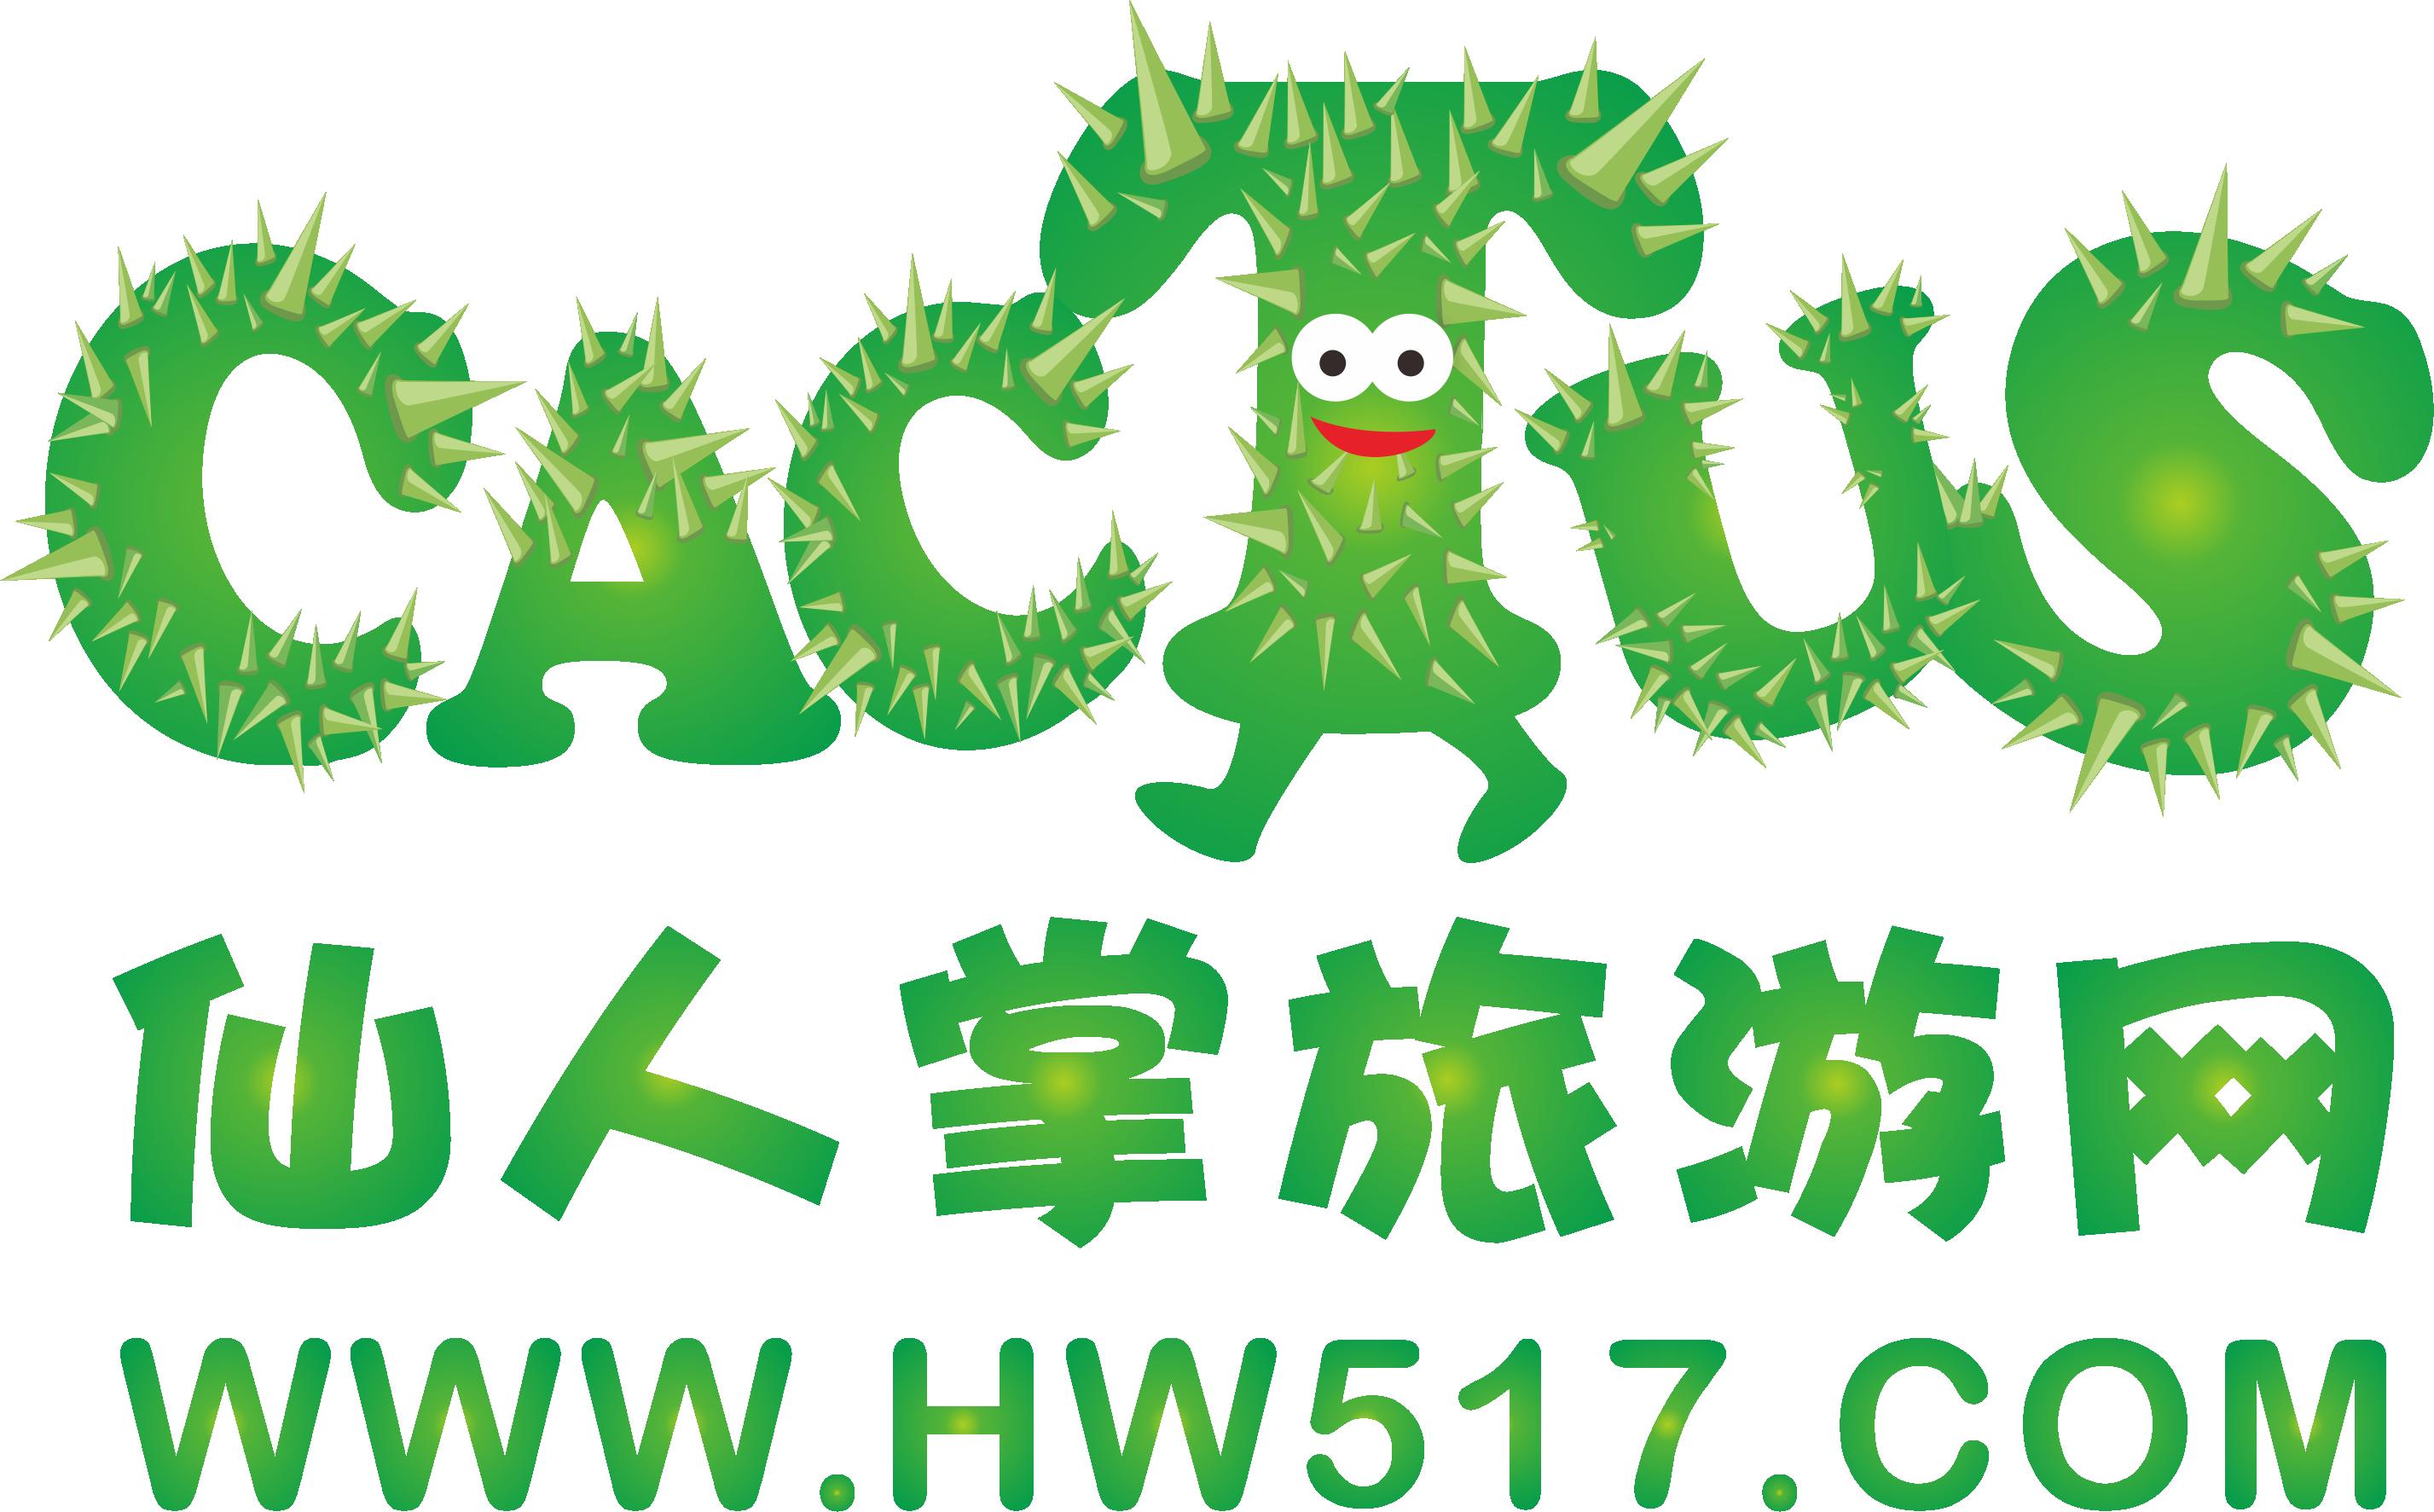 【仙人掌旅游】北京故宫、八达岭长城、颐和园、天津一高一飞五日